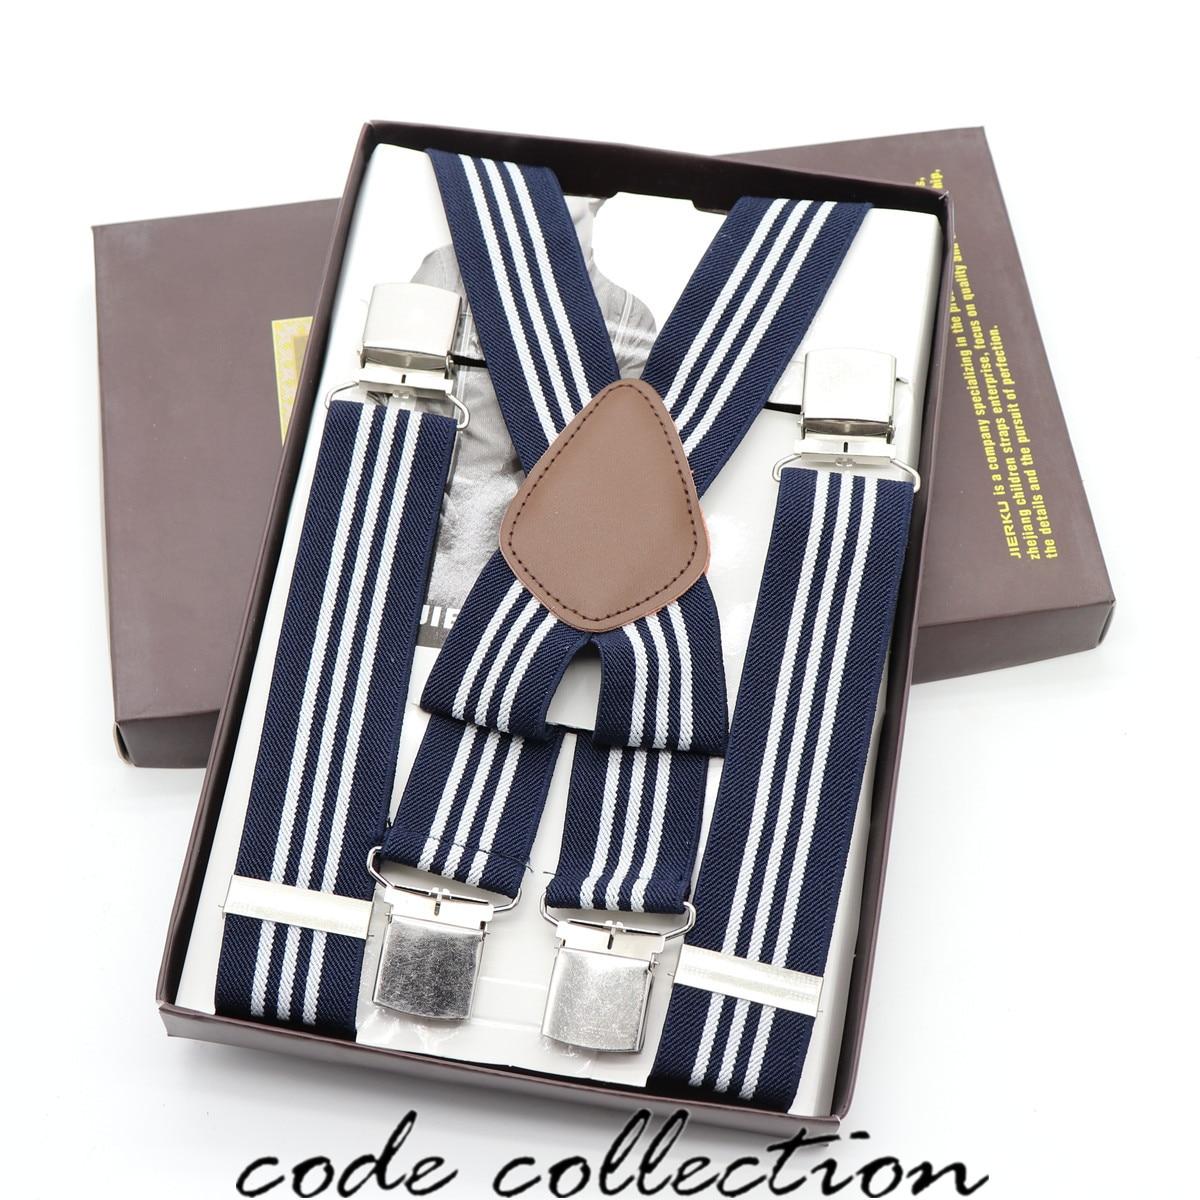 Vintage Men Suspender Belt Suit Trousers Shirt Stay Clssic 4 Clips Adult Suspenders Gentlemen Braces Elegant Clothes Accessories